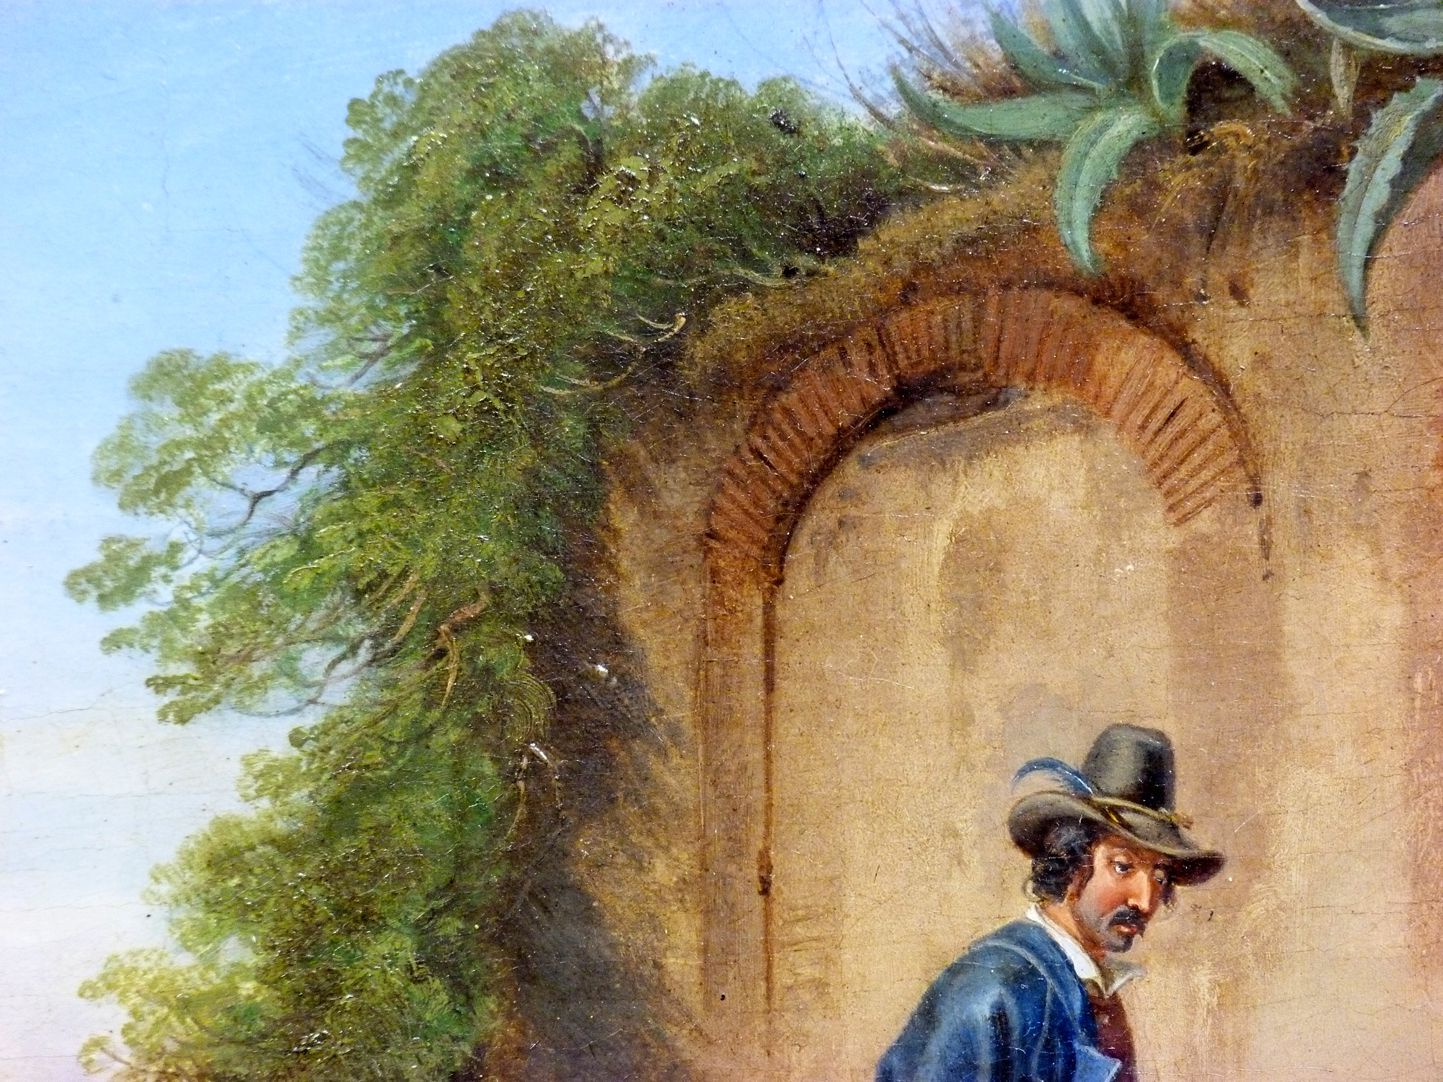 Römische Fuhrleute Detailansicht mit Portrait und Mauerpartie